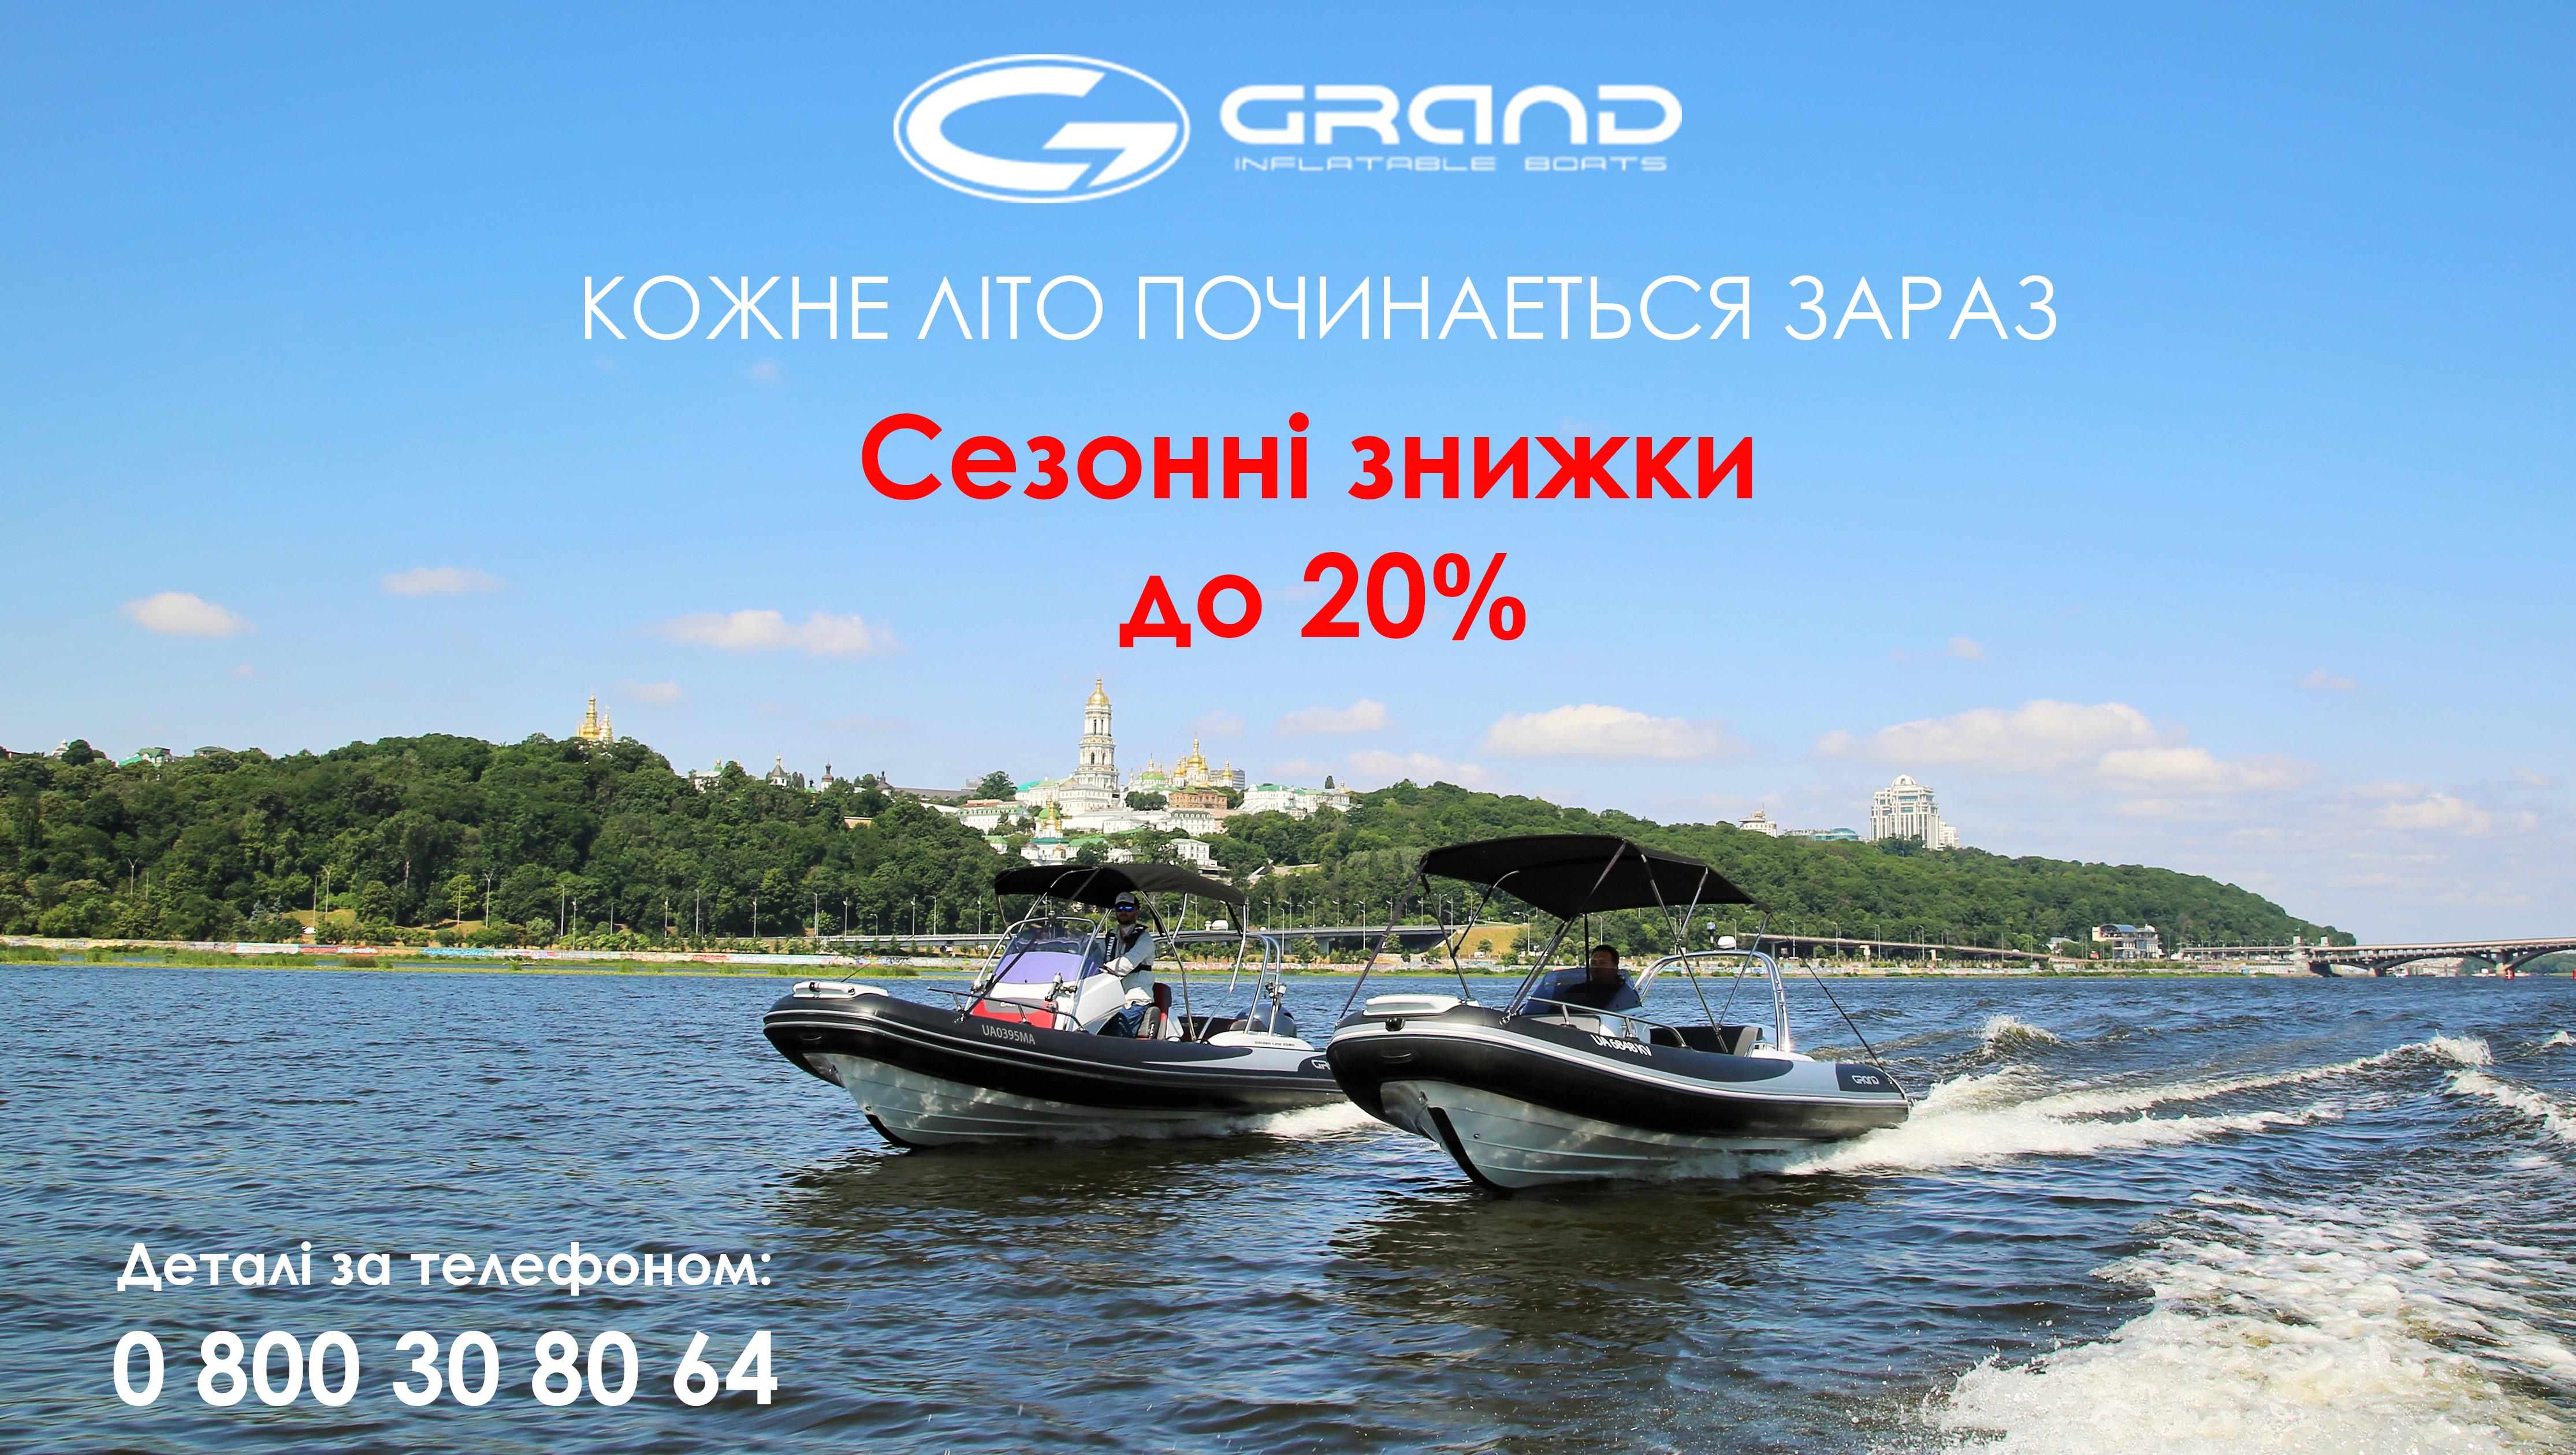 GRAND_Gold3443en_Line_G500_vs_G580-034